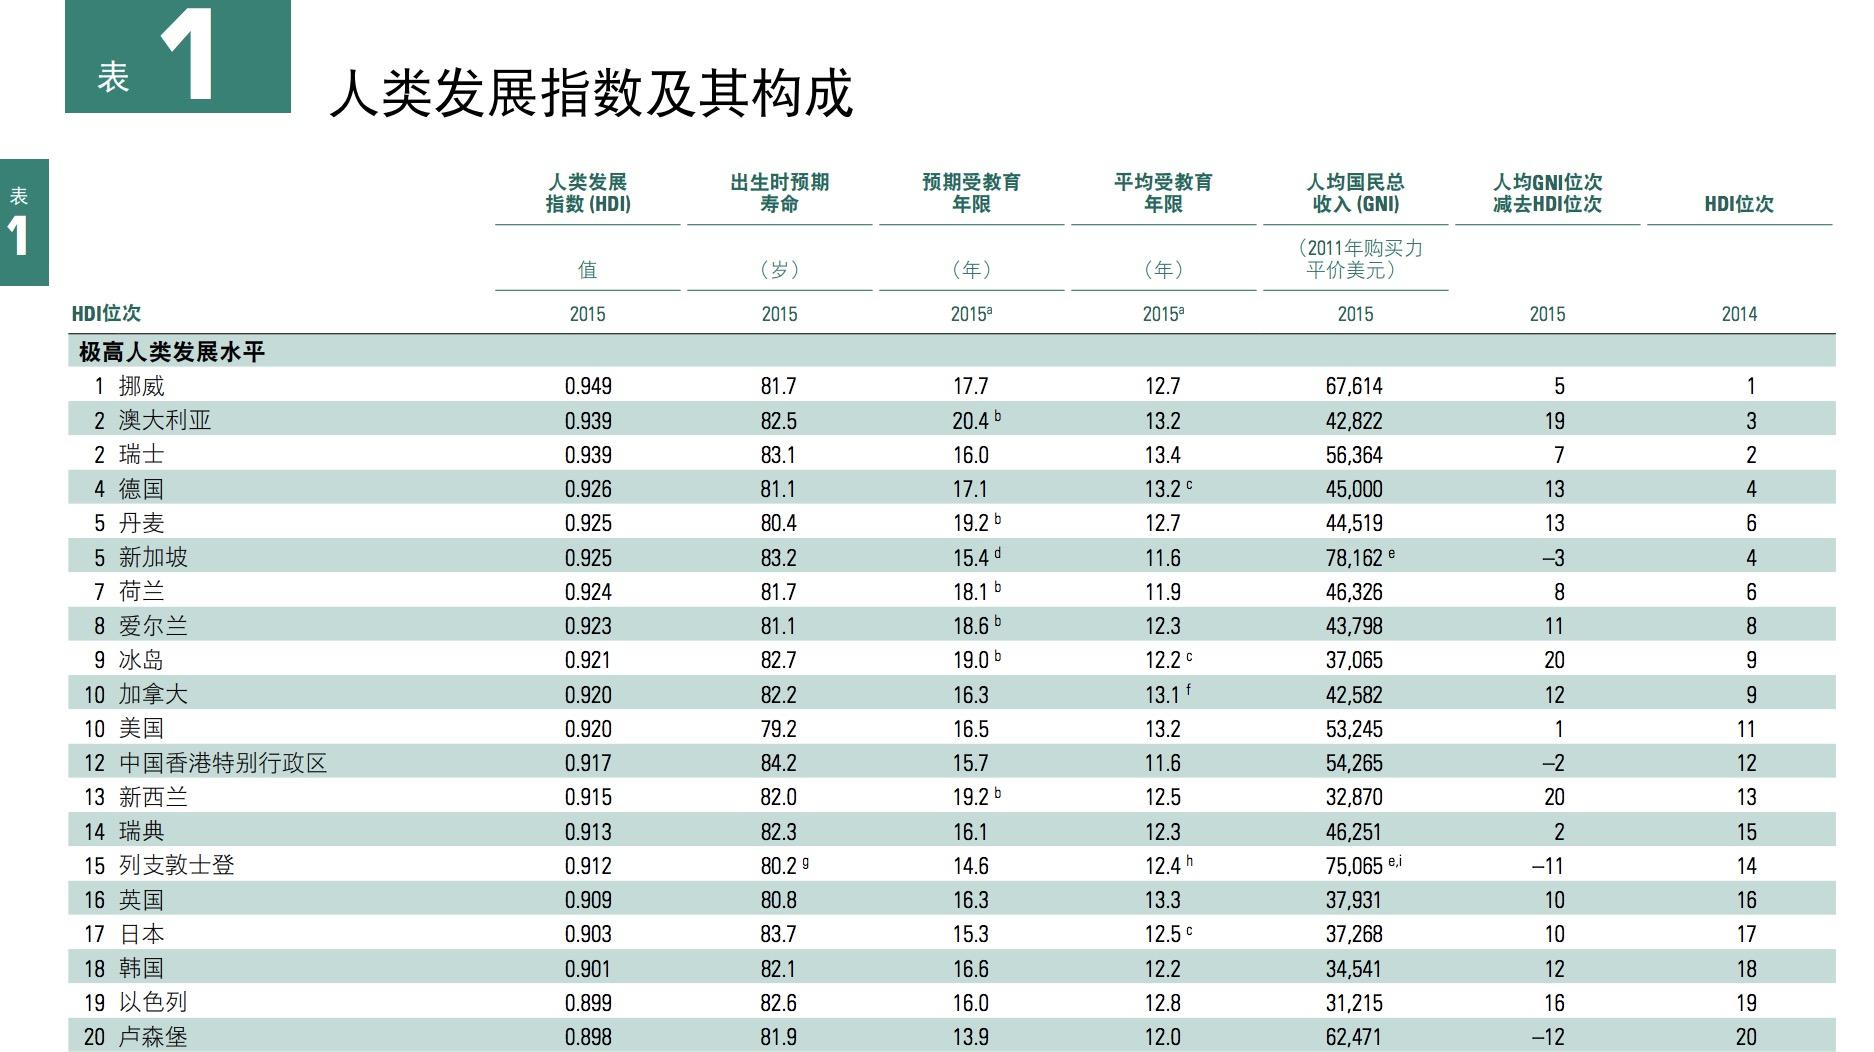 联合国人类发展指数2015年排名,排名前列的国家和地区人均期望受教育年限都很高